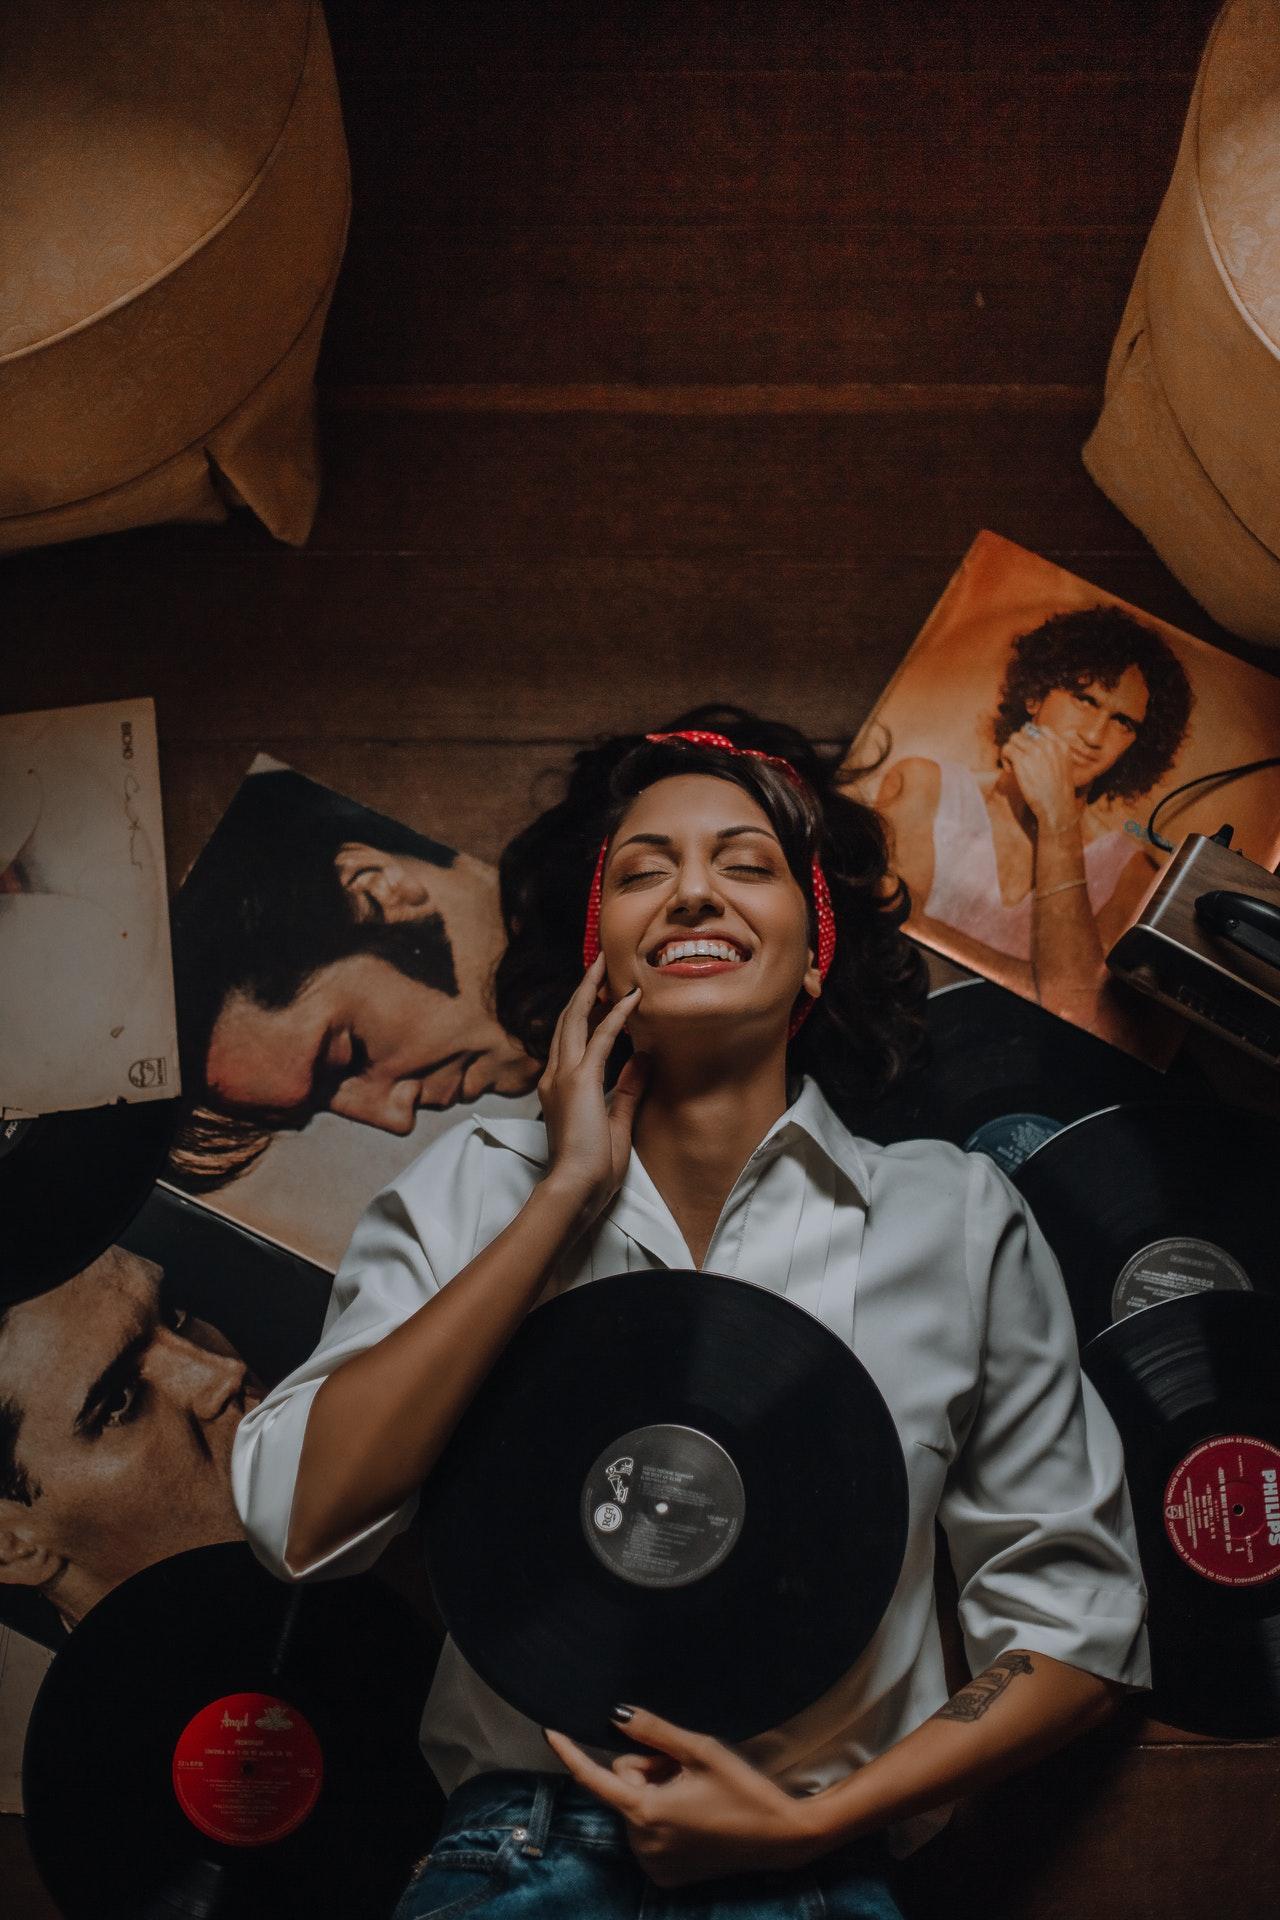 Płyta winylowa – idealny pomysł na prezent dla wielbicieli muzyki